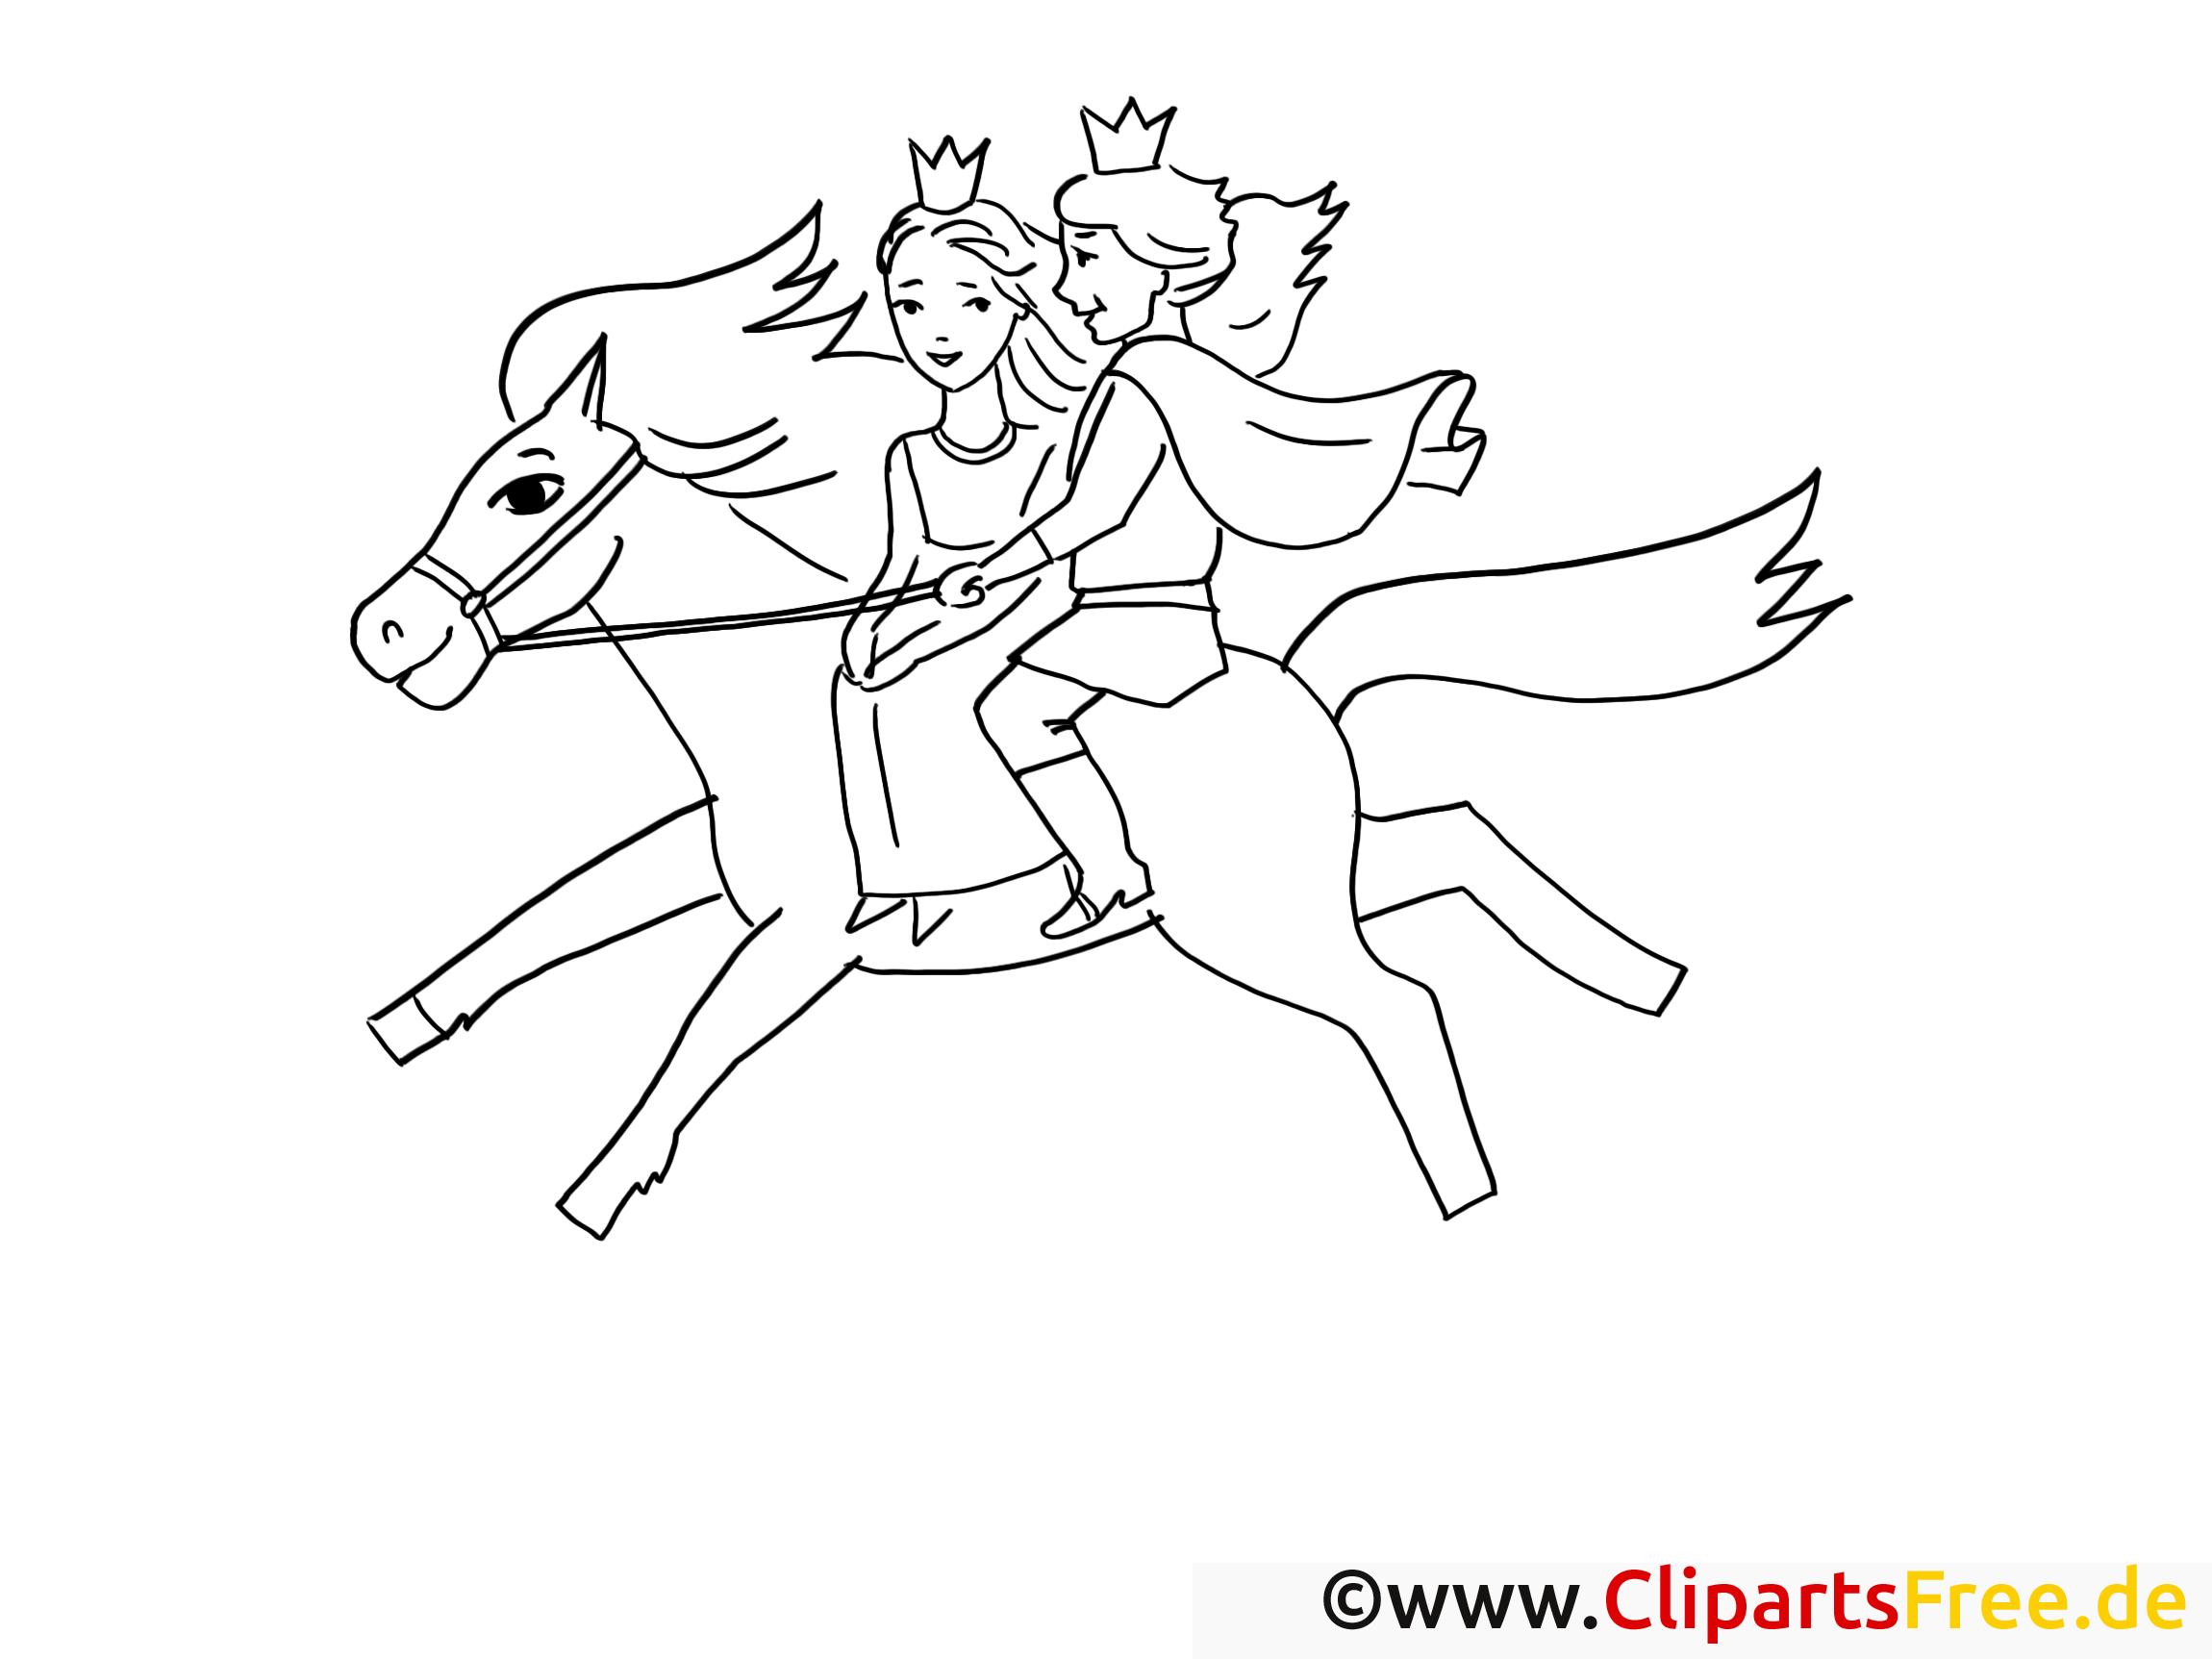 prinz und prinzessin reiten auf pferd ausmalbilder märchen